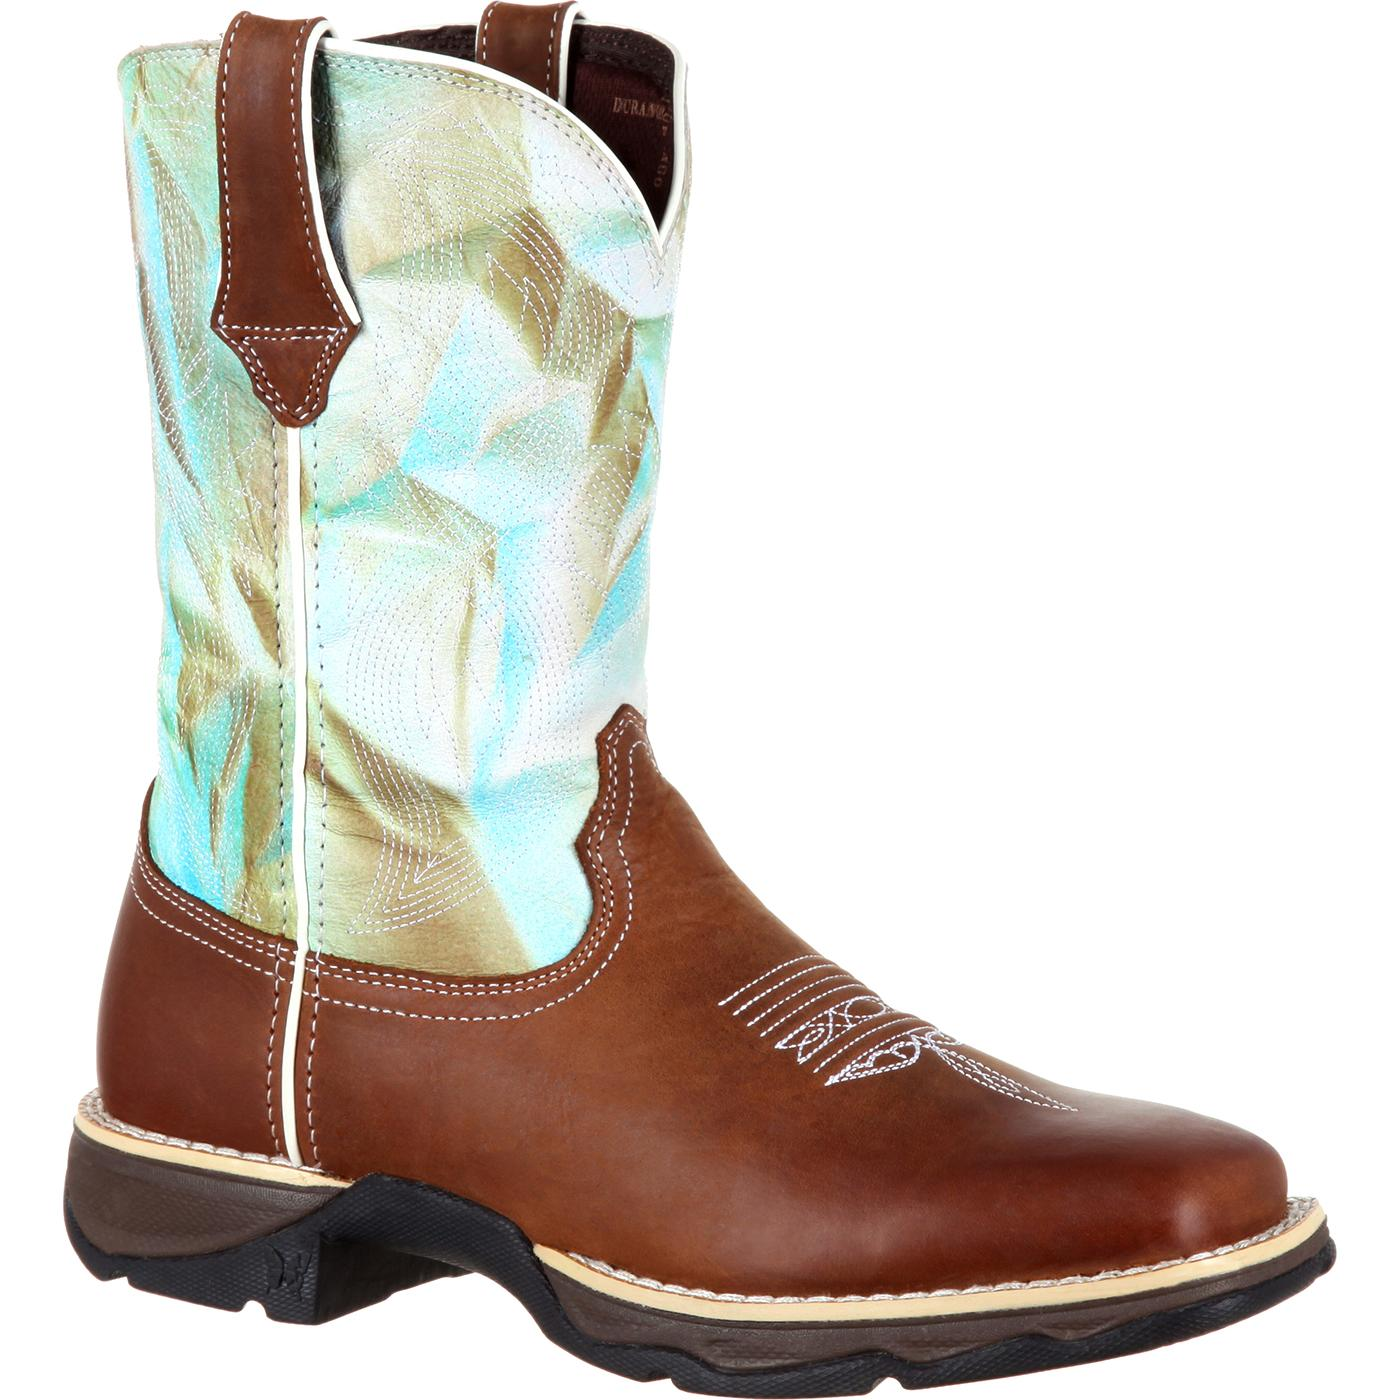 e8463d37153 Lady Rebel by Durango Women's Western Boot